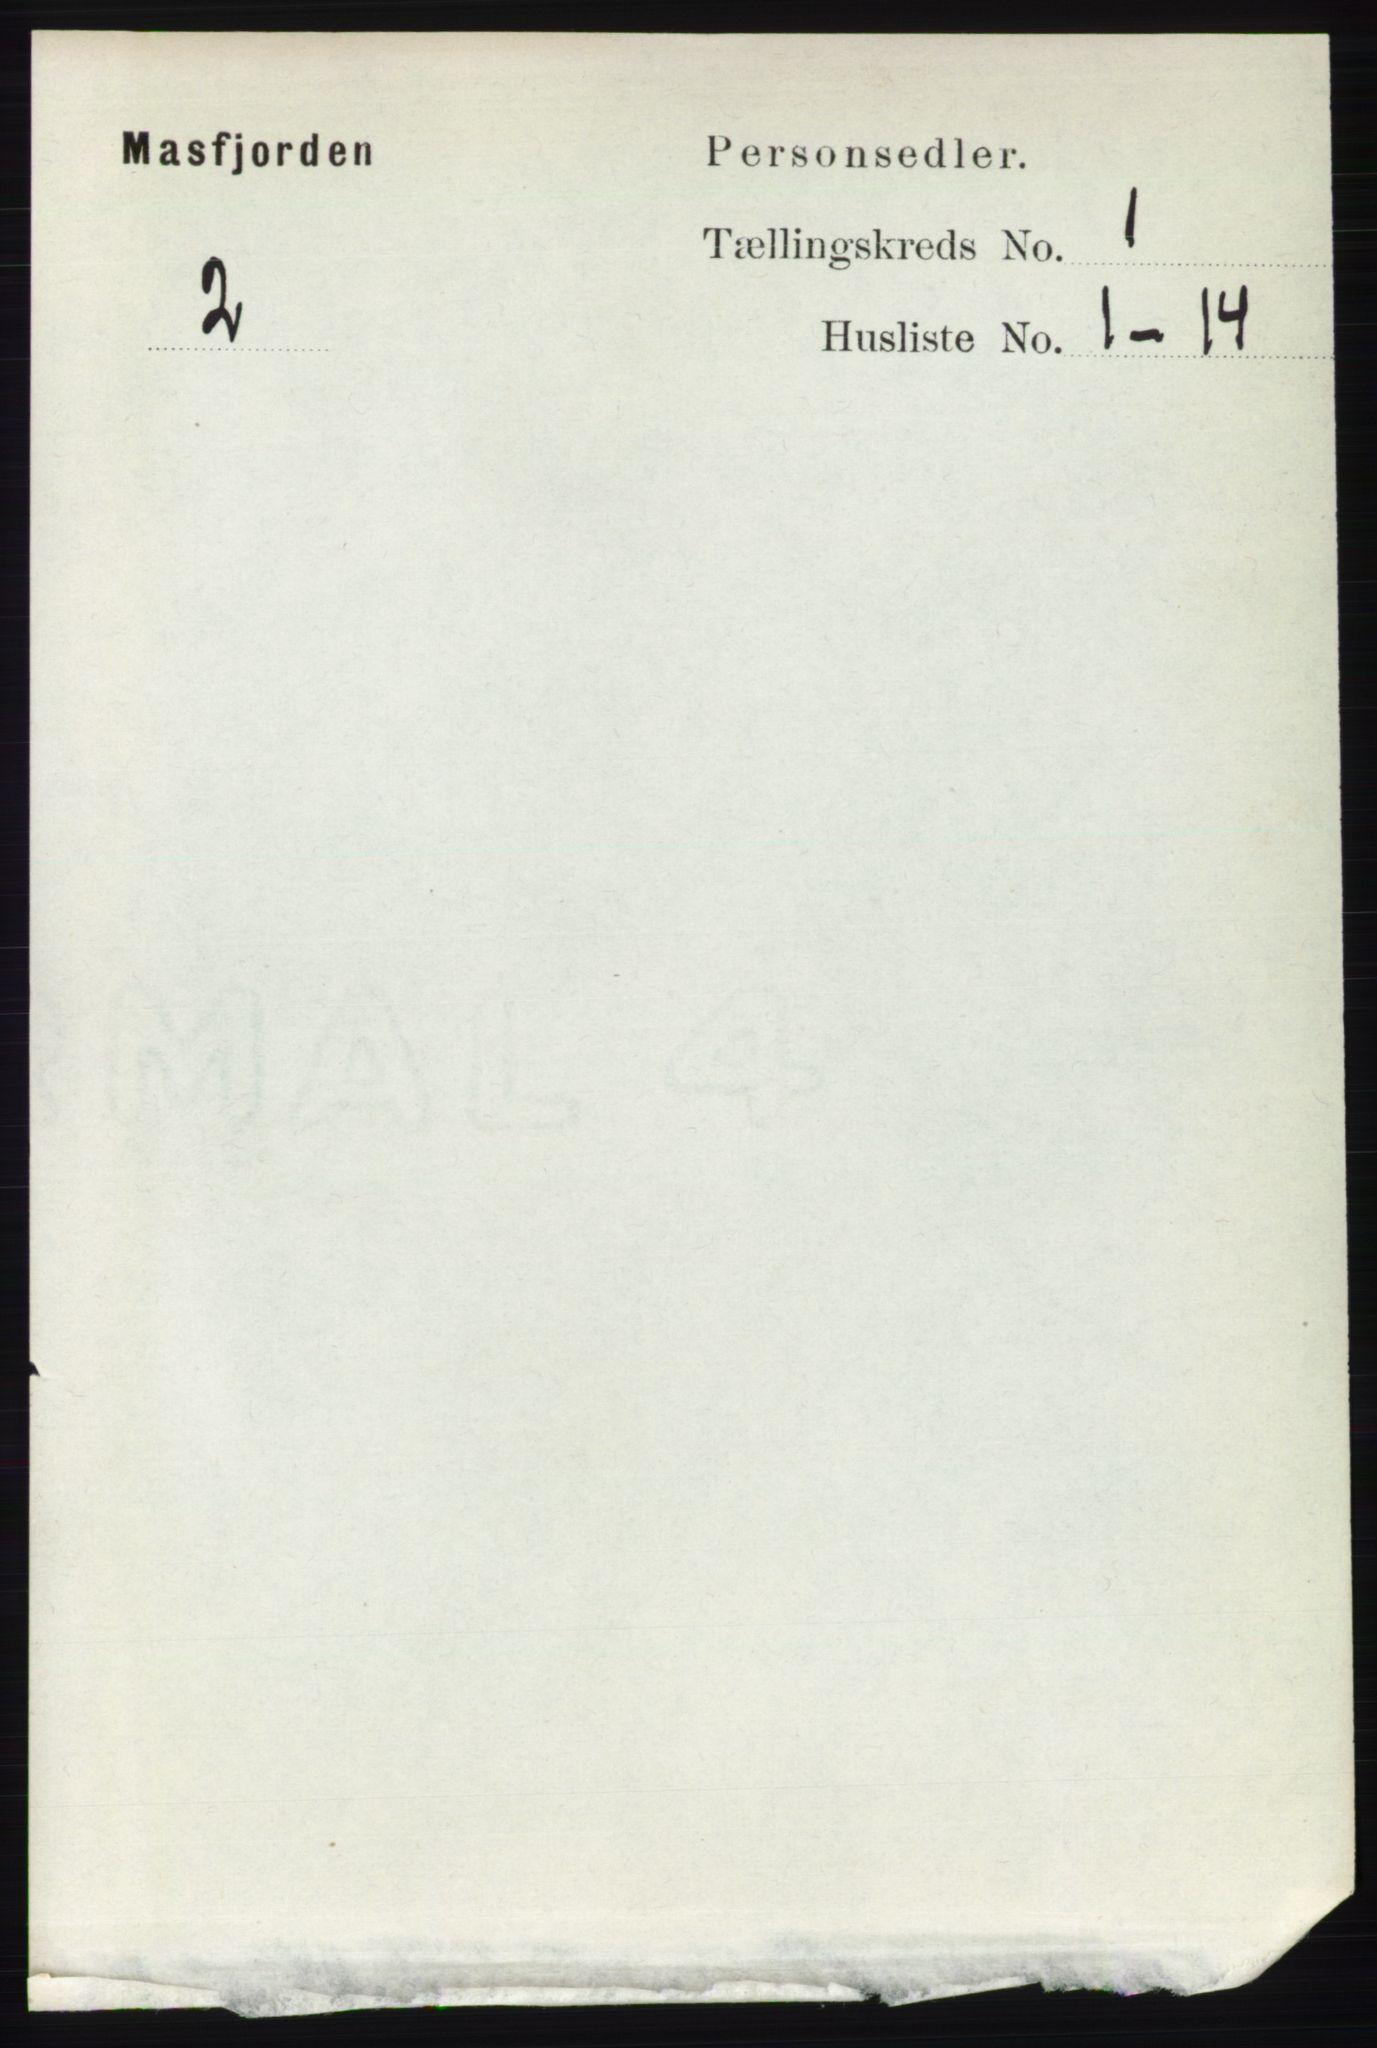 RA, Folketelling 1891 for 1266 Masfjorden herred, 1891, s. 48